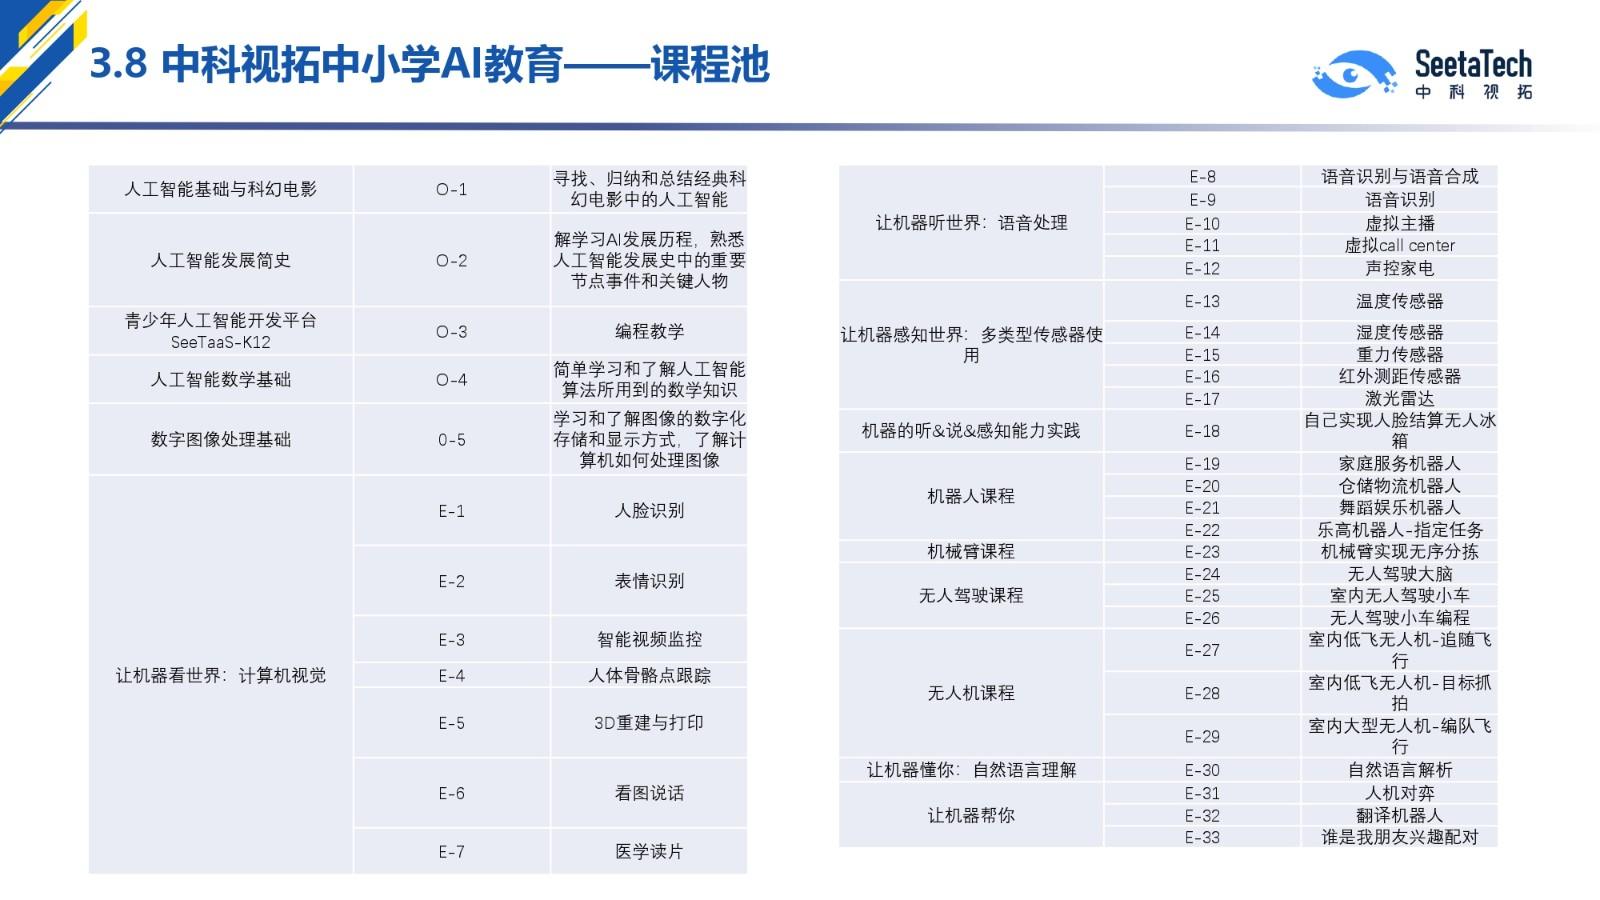 【中科视拓】未来校园解决方案介绍-20190904_page-0040.jpg